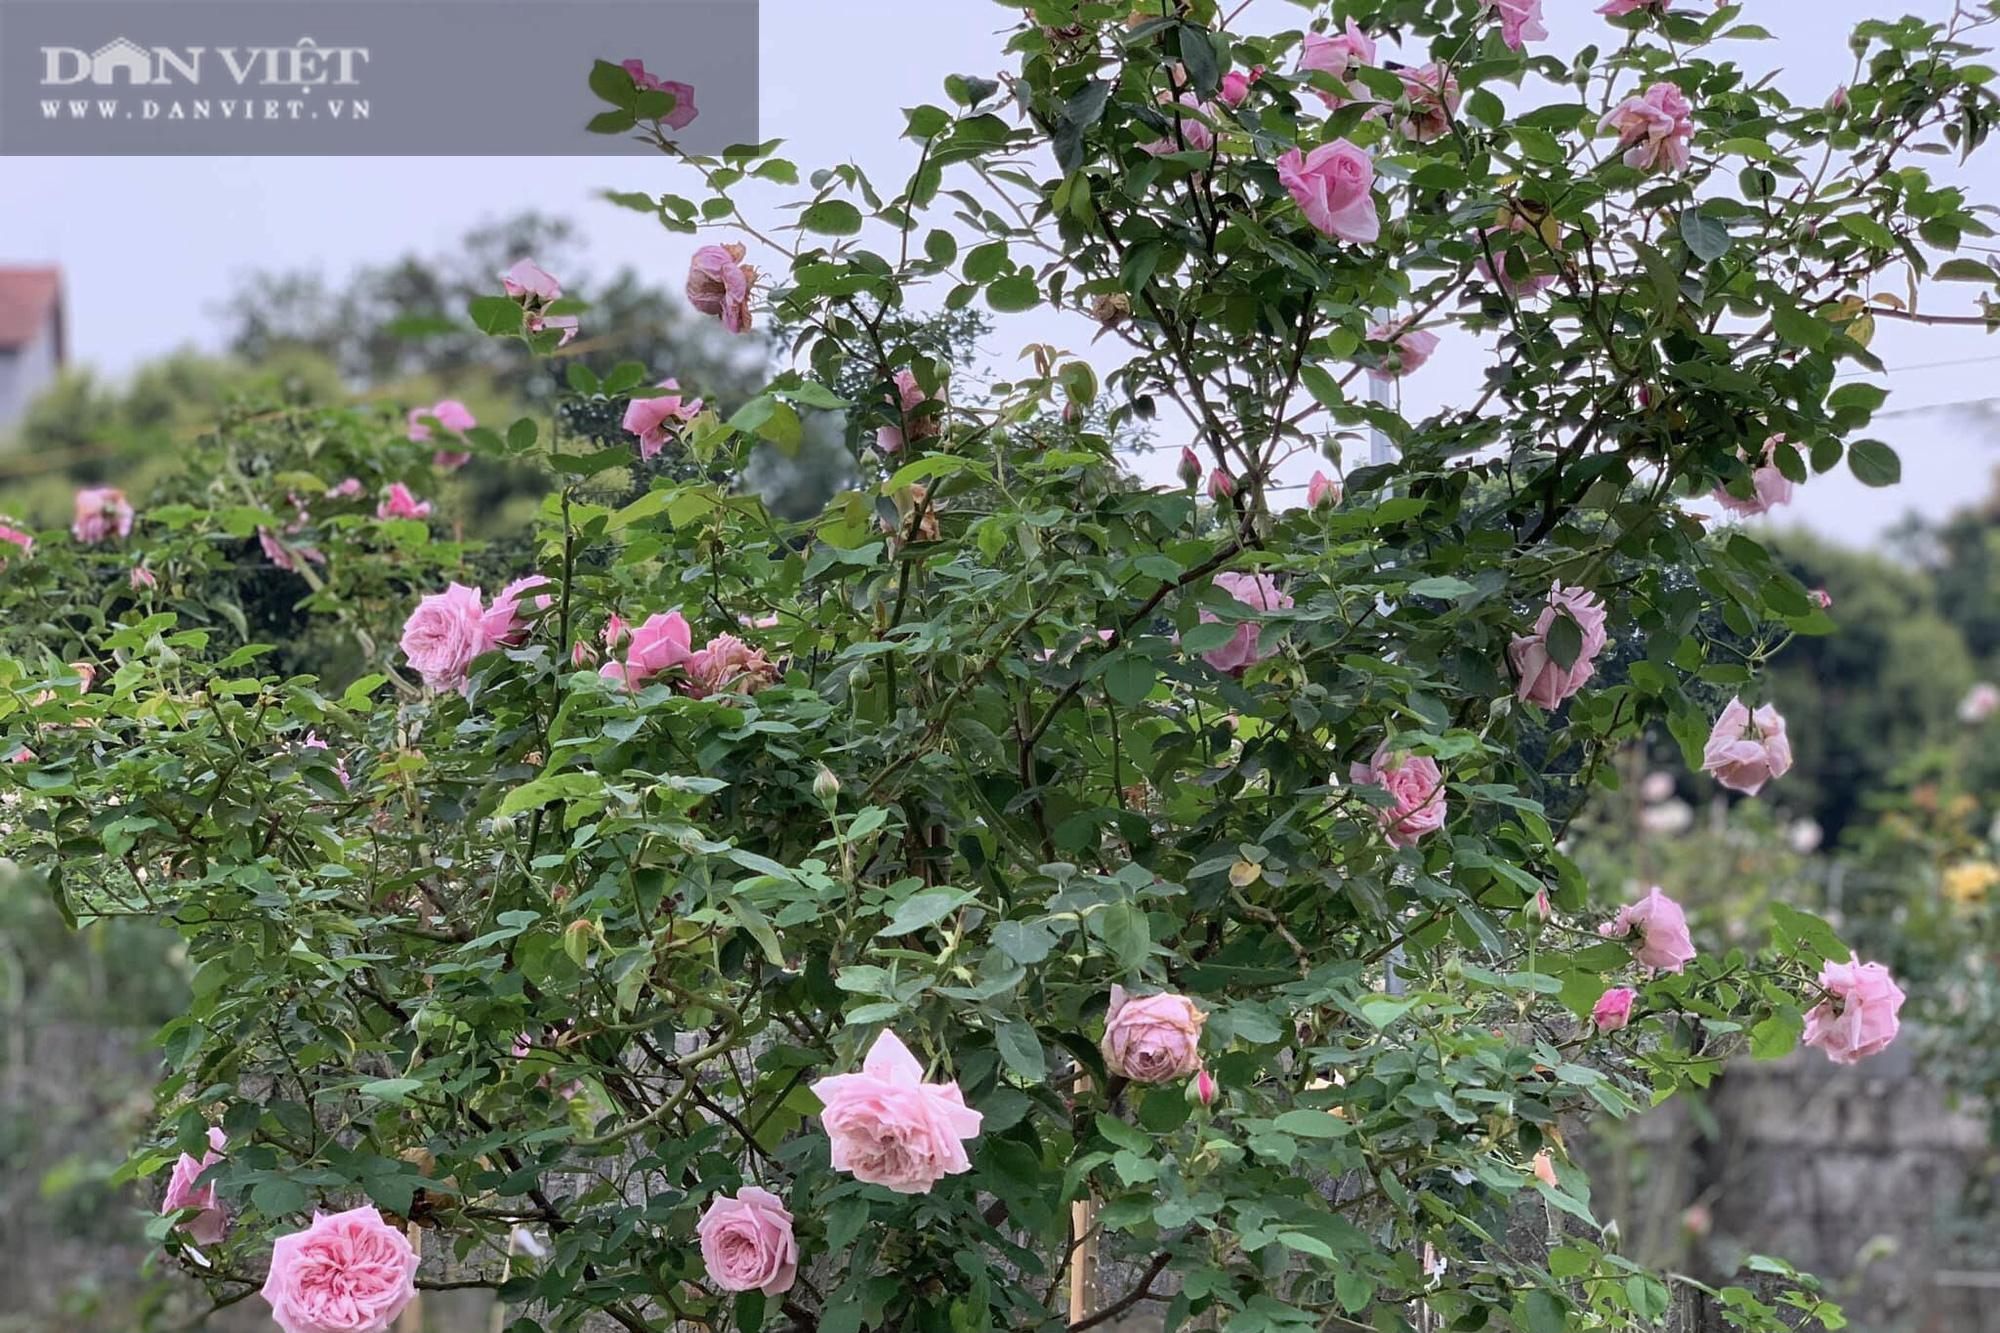 """Thái Nguyên: Trai trẻ 8X """"gác"""" bằng đại học về quê trồng thứ hoa thơm ngát cả vùng, kiếm hàng chục triệu đồng mỗi tháng - Ảnh 5."""